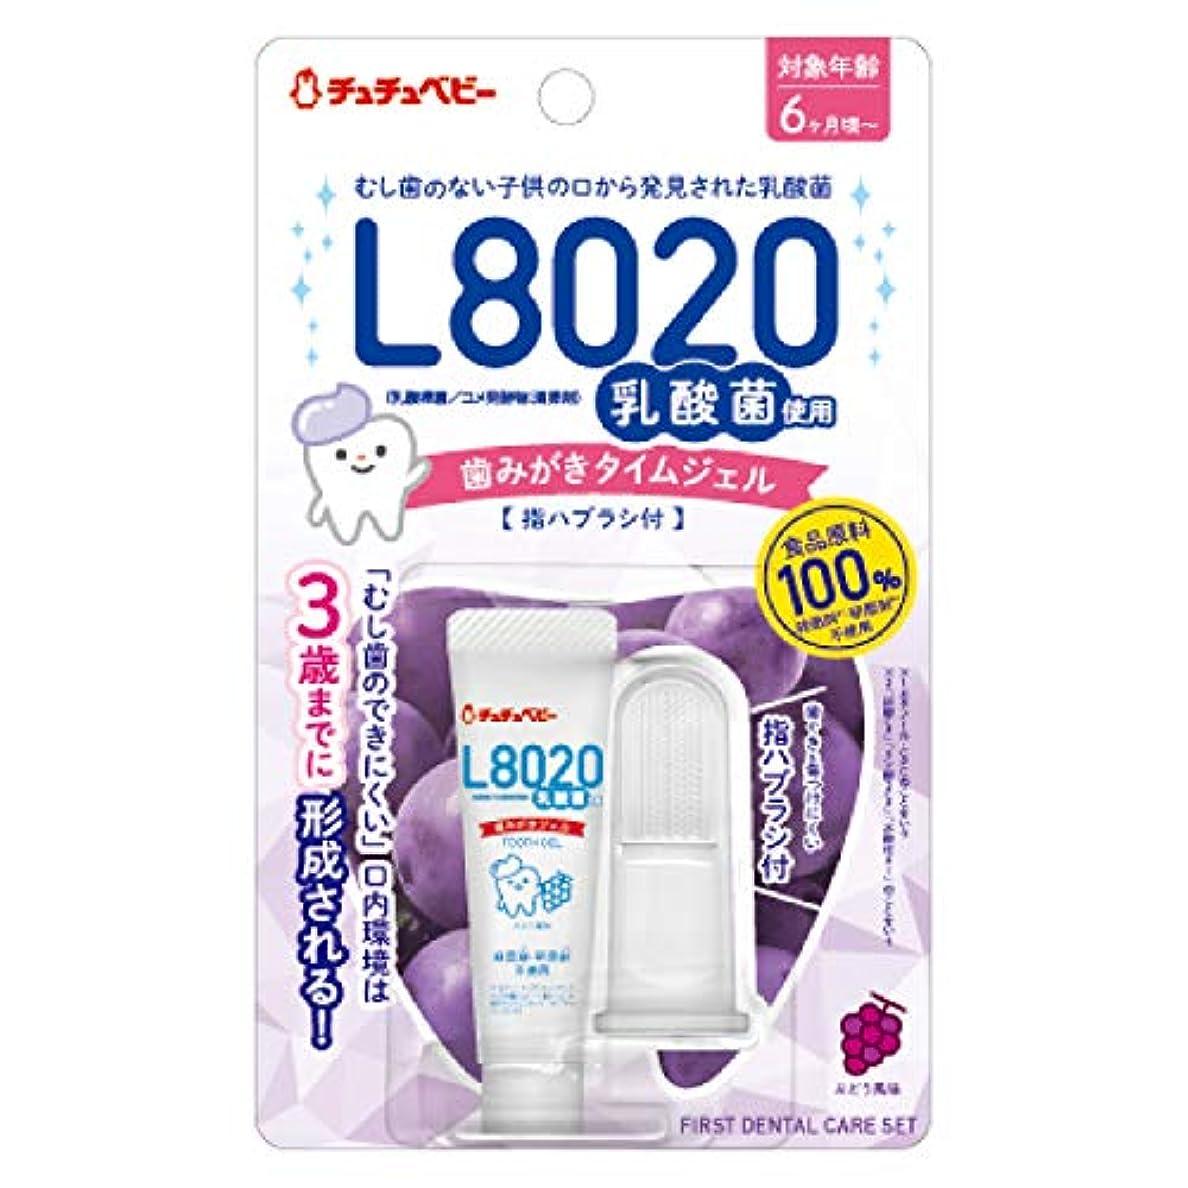 アリーナ不良品香水チュチュベビー 歯磨きジェル ぶどう風味 8g 指ブラシ付き